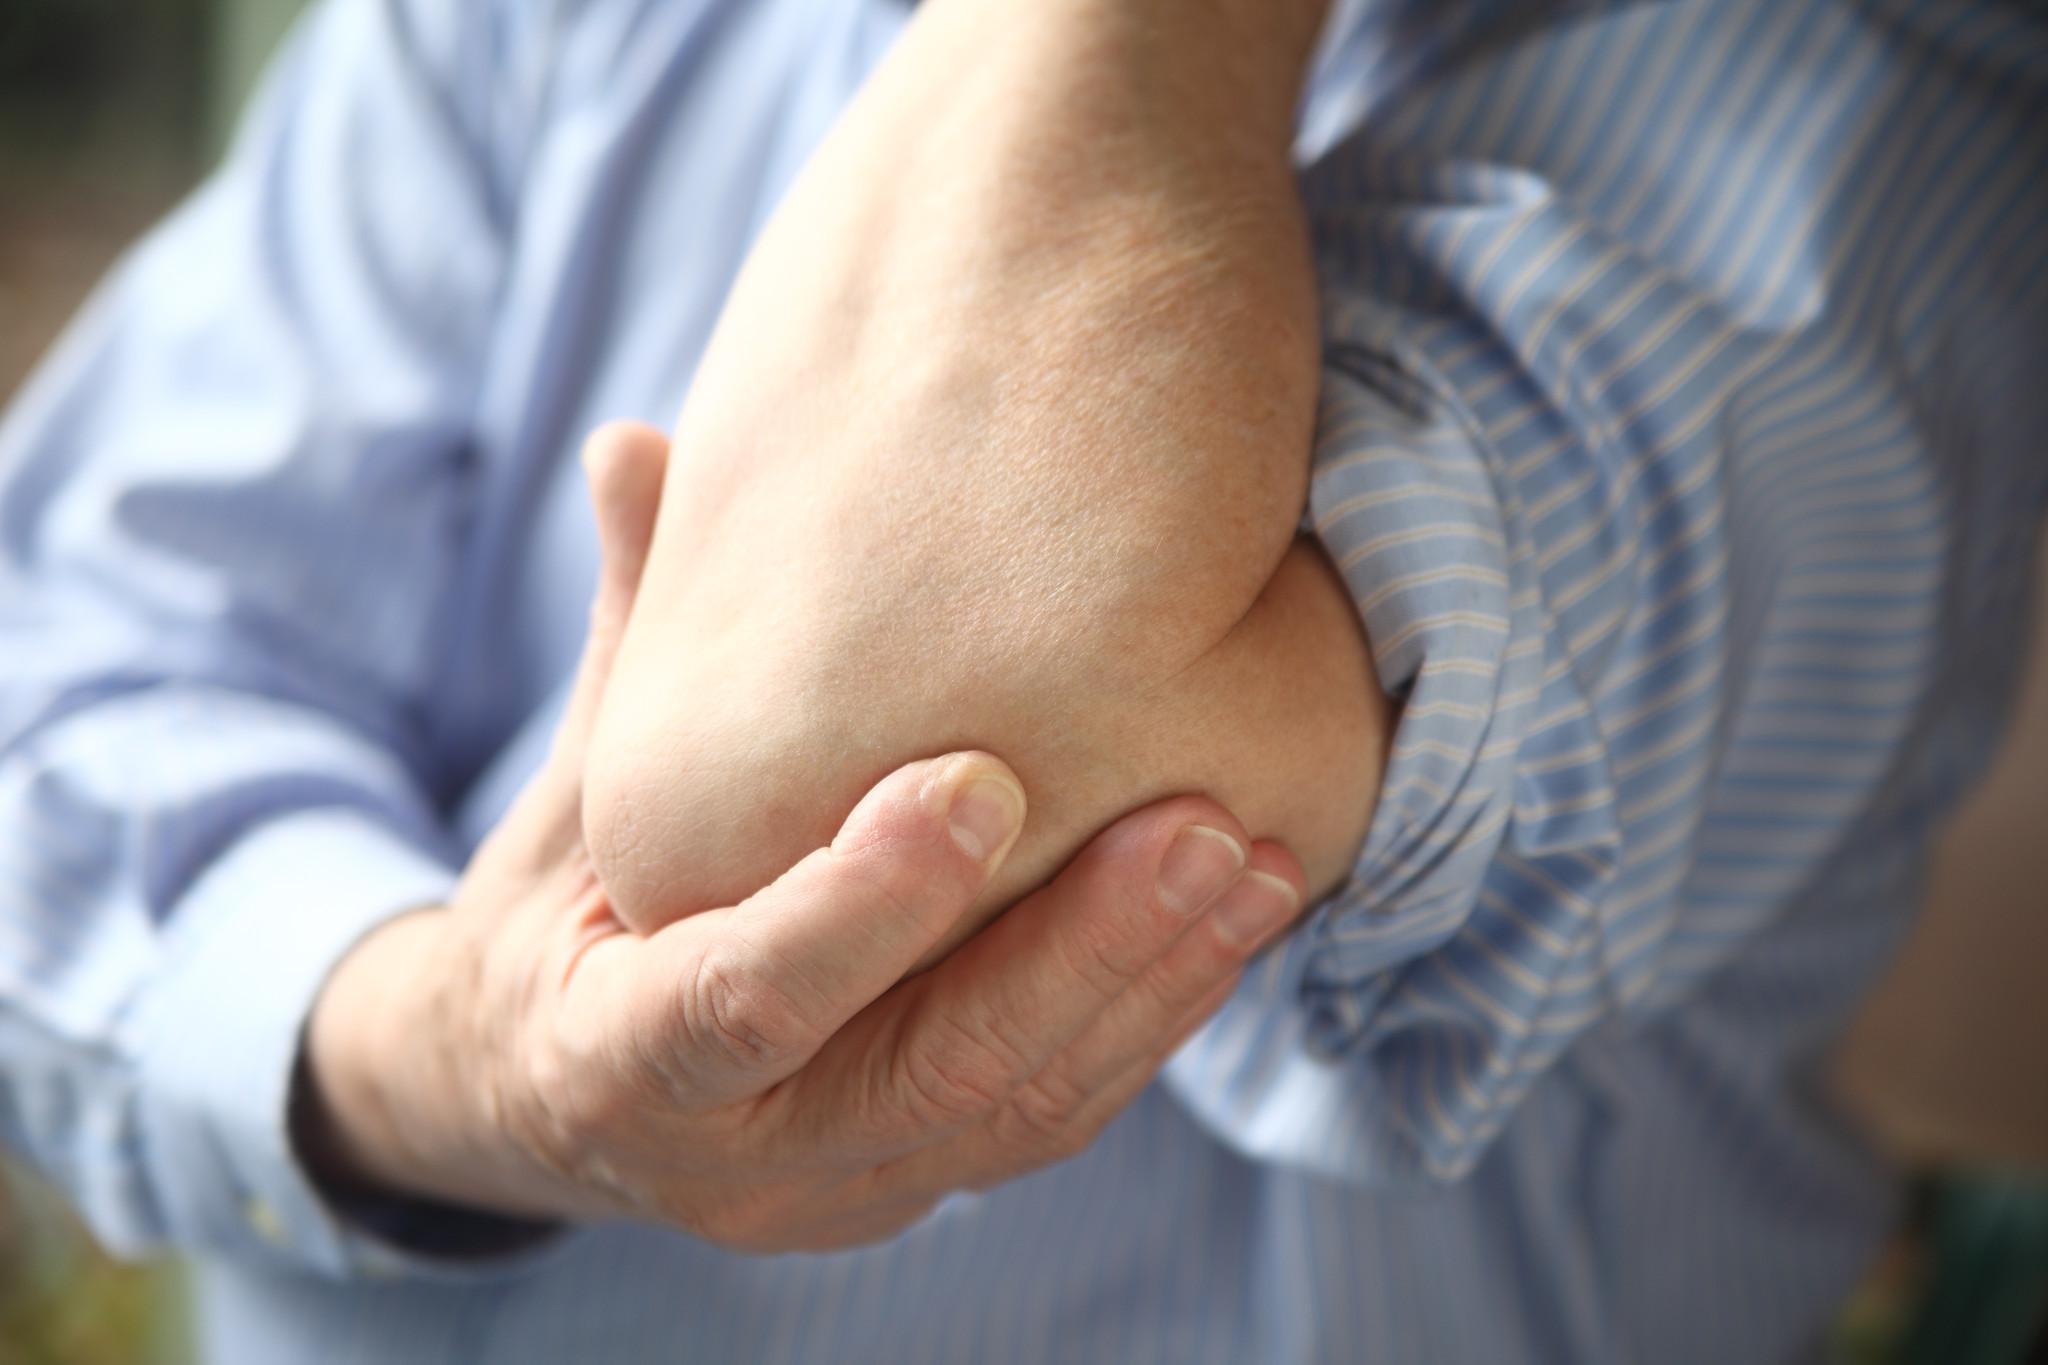 контрактура сустава - что это и как помочь больному